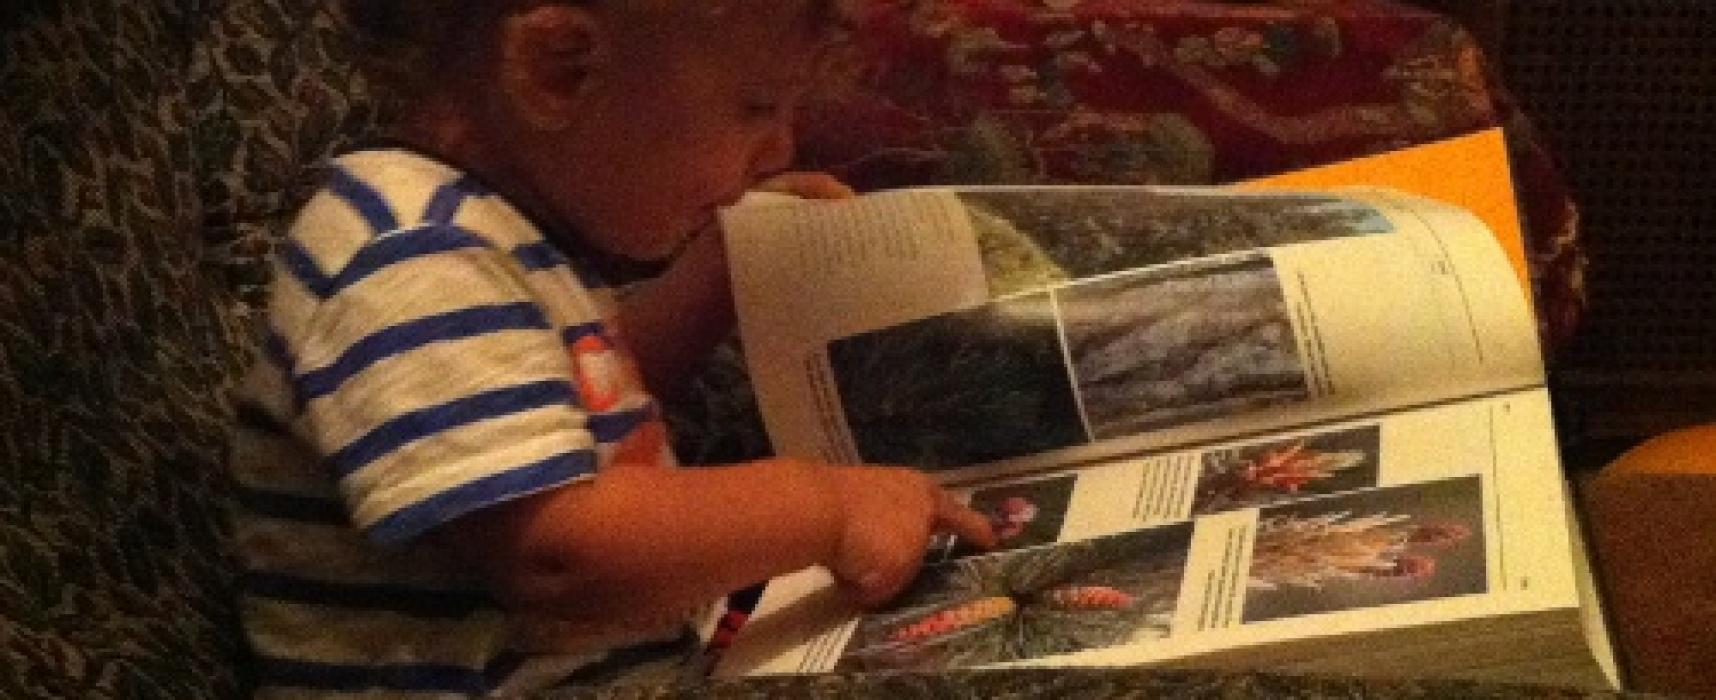 Kitapların sadece yazılarını değil, resimlerini de okuyoruz.